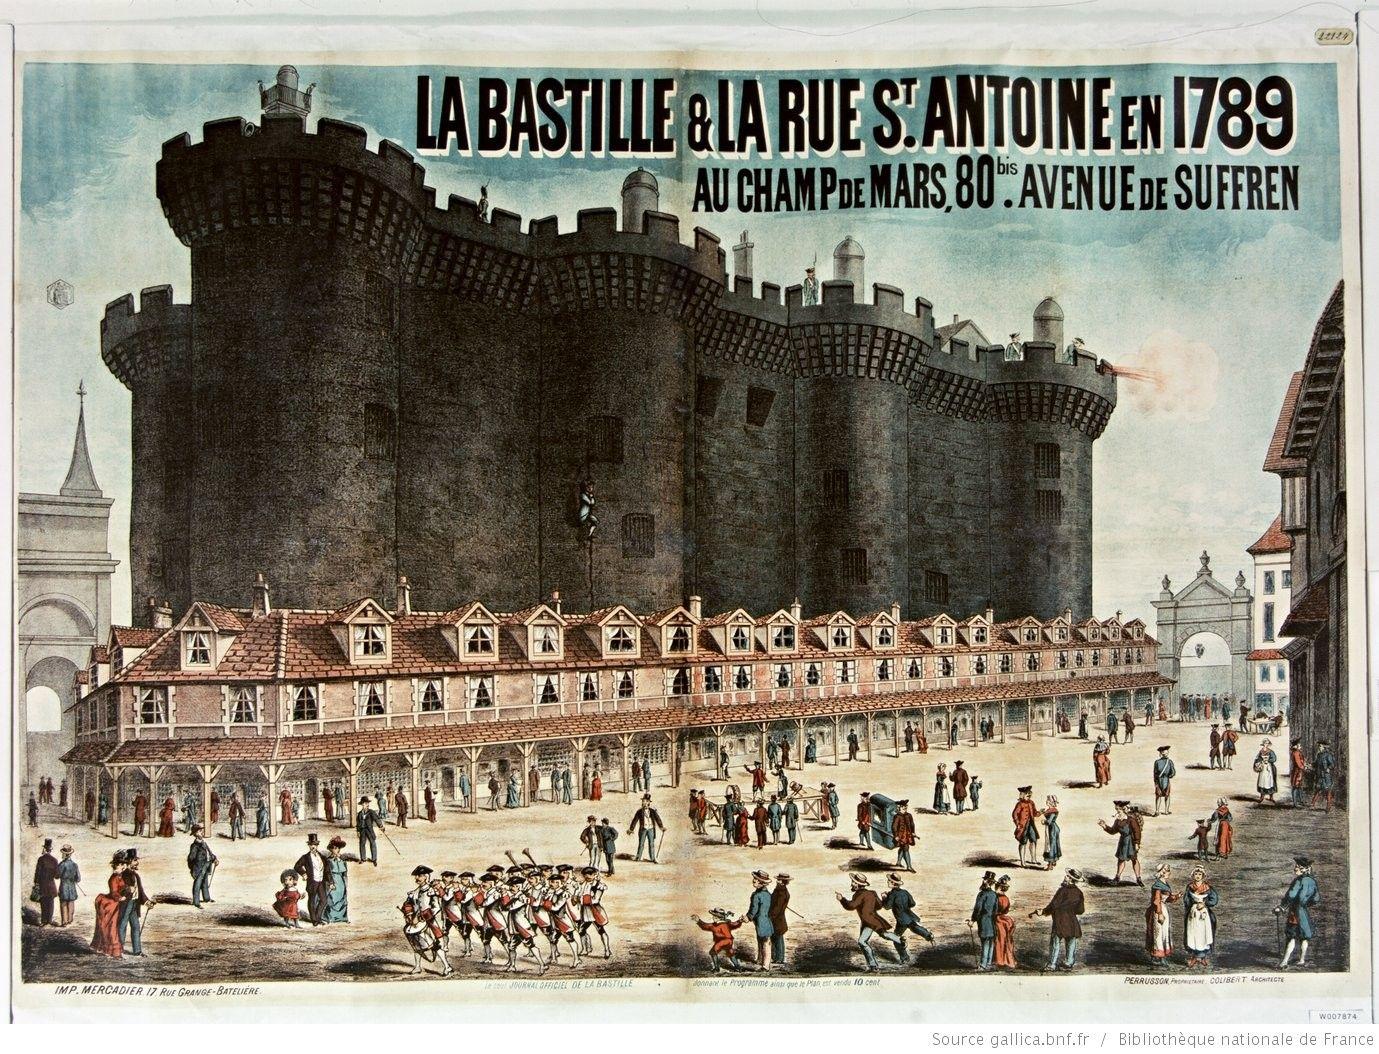 La Bastille et la rue St Antoine en 1789. Au Champ de Mars 80 bis avenue de Suffren, Perrusson, propriétaire, Colibert, architecte : [affiche] / [non identifié]